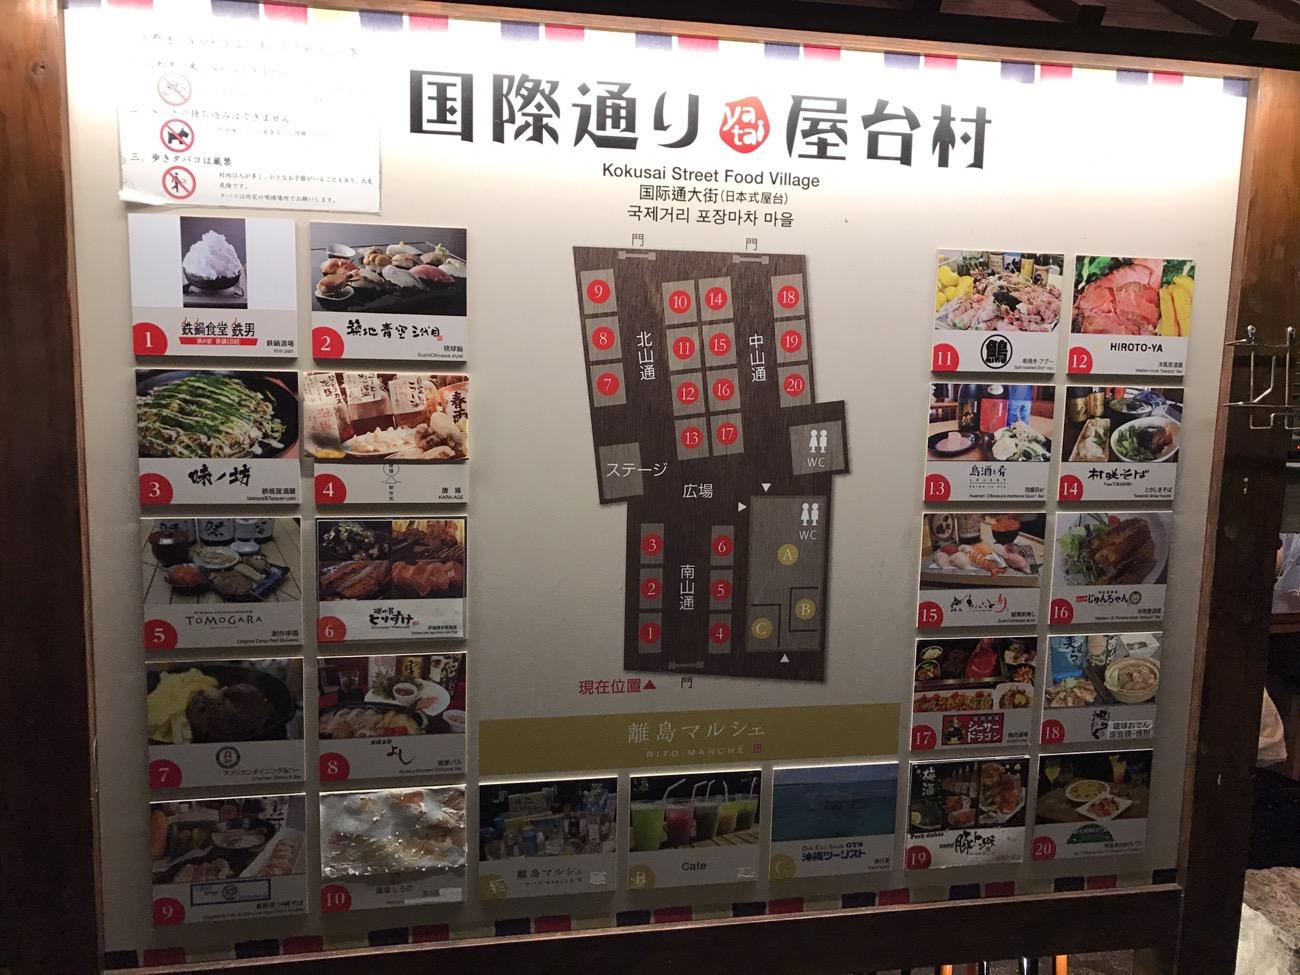 1人国際通り屋台村のブログレポート店舗一覧一覧